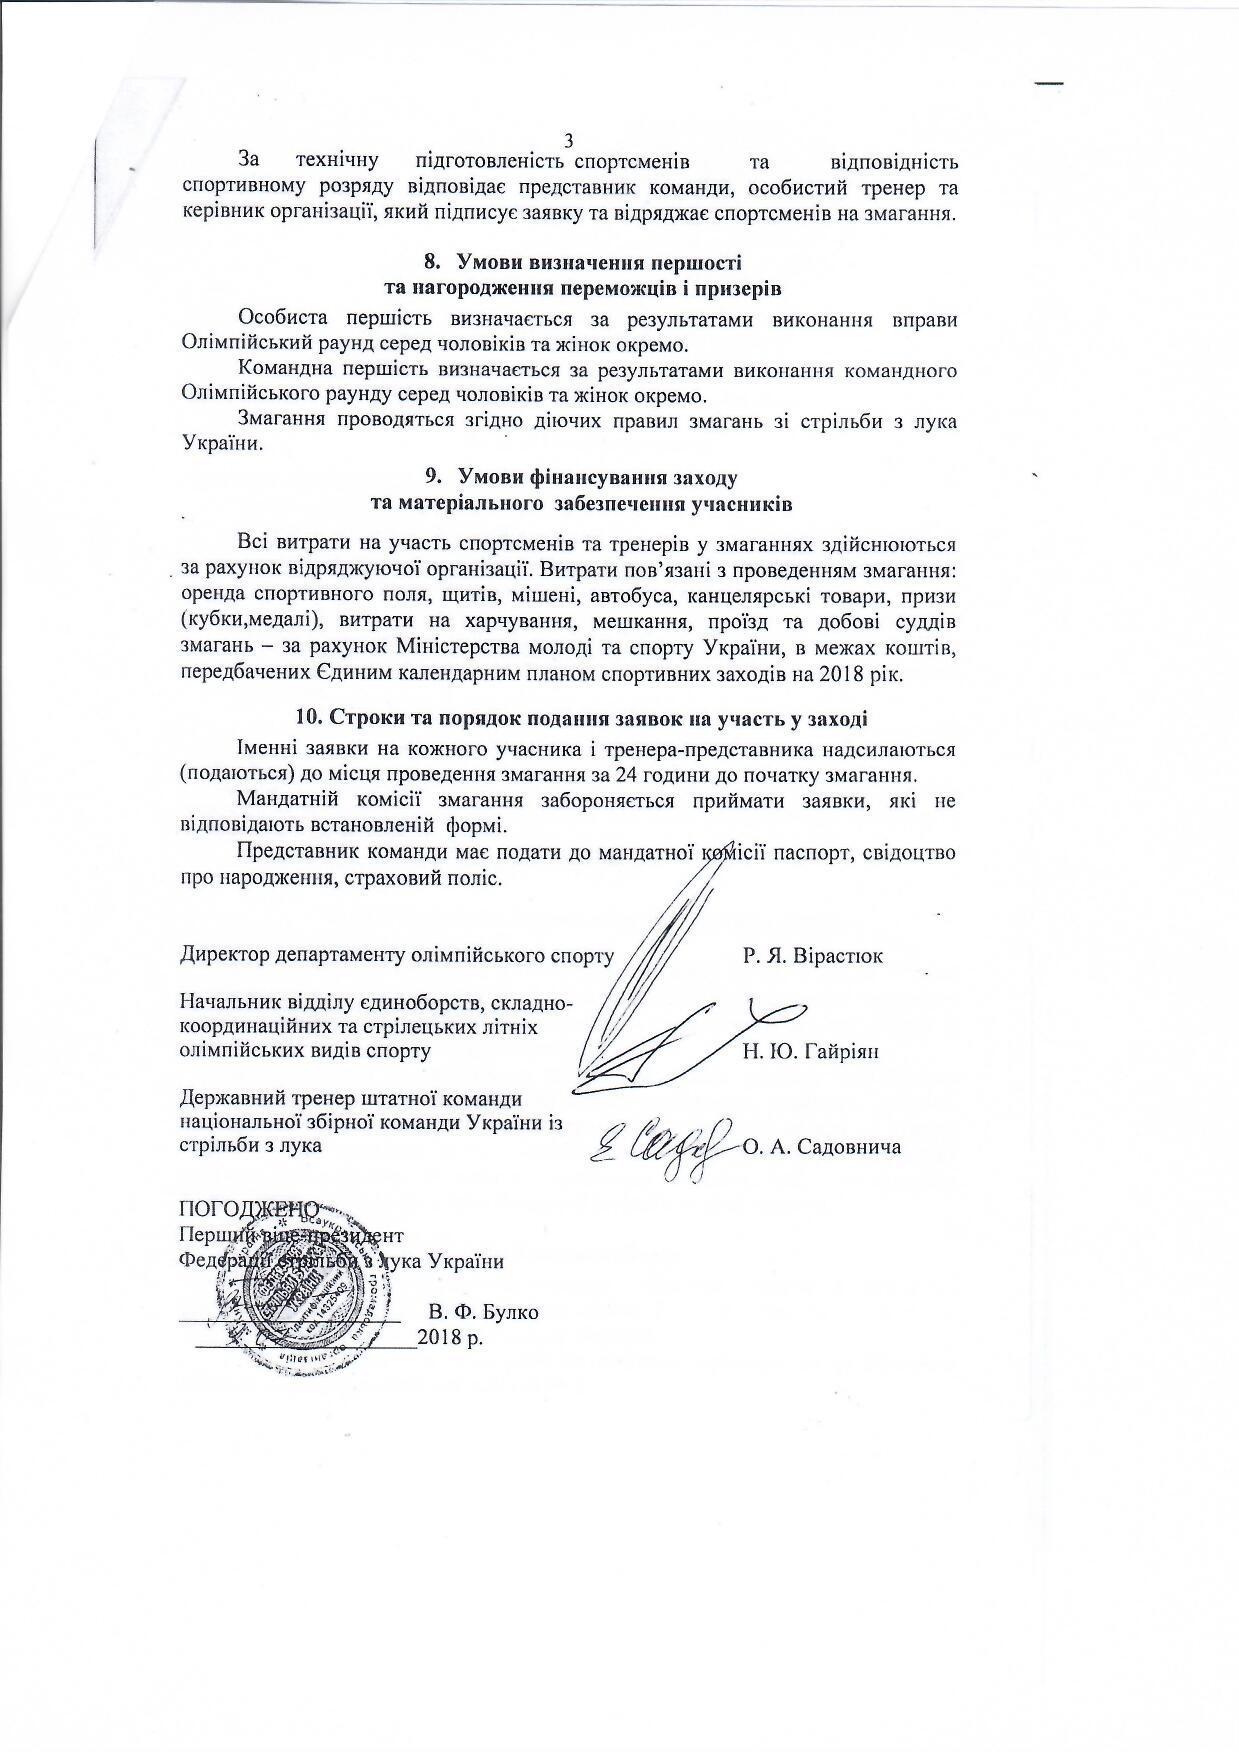 РЕГЛАМЕНТ_0003